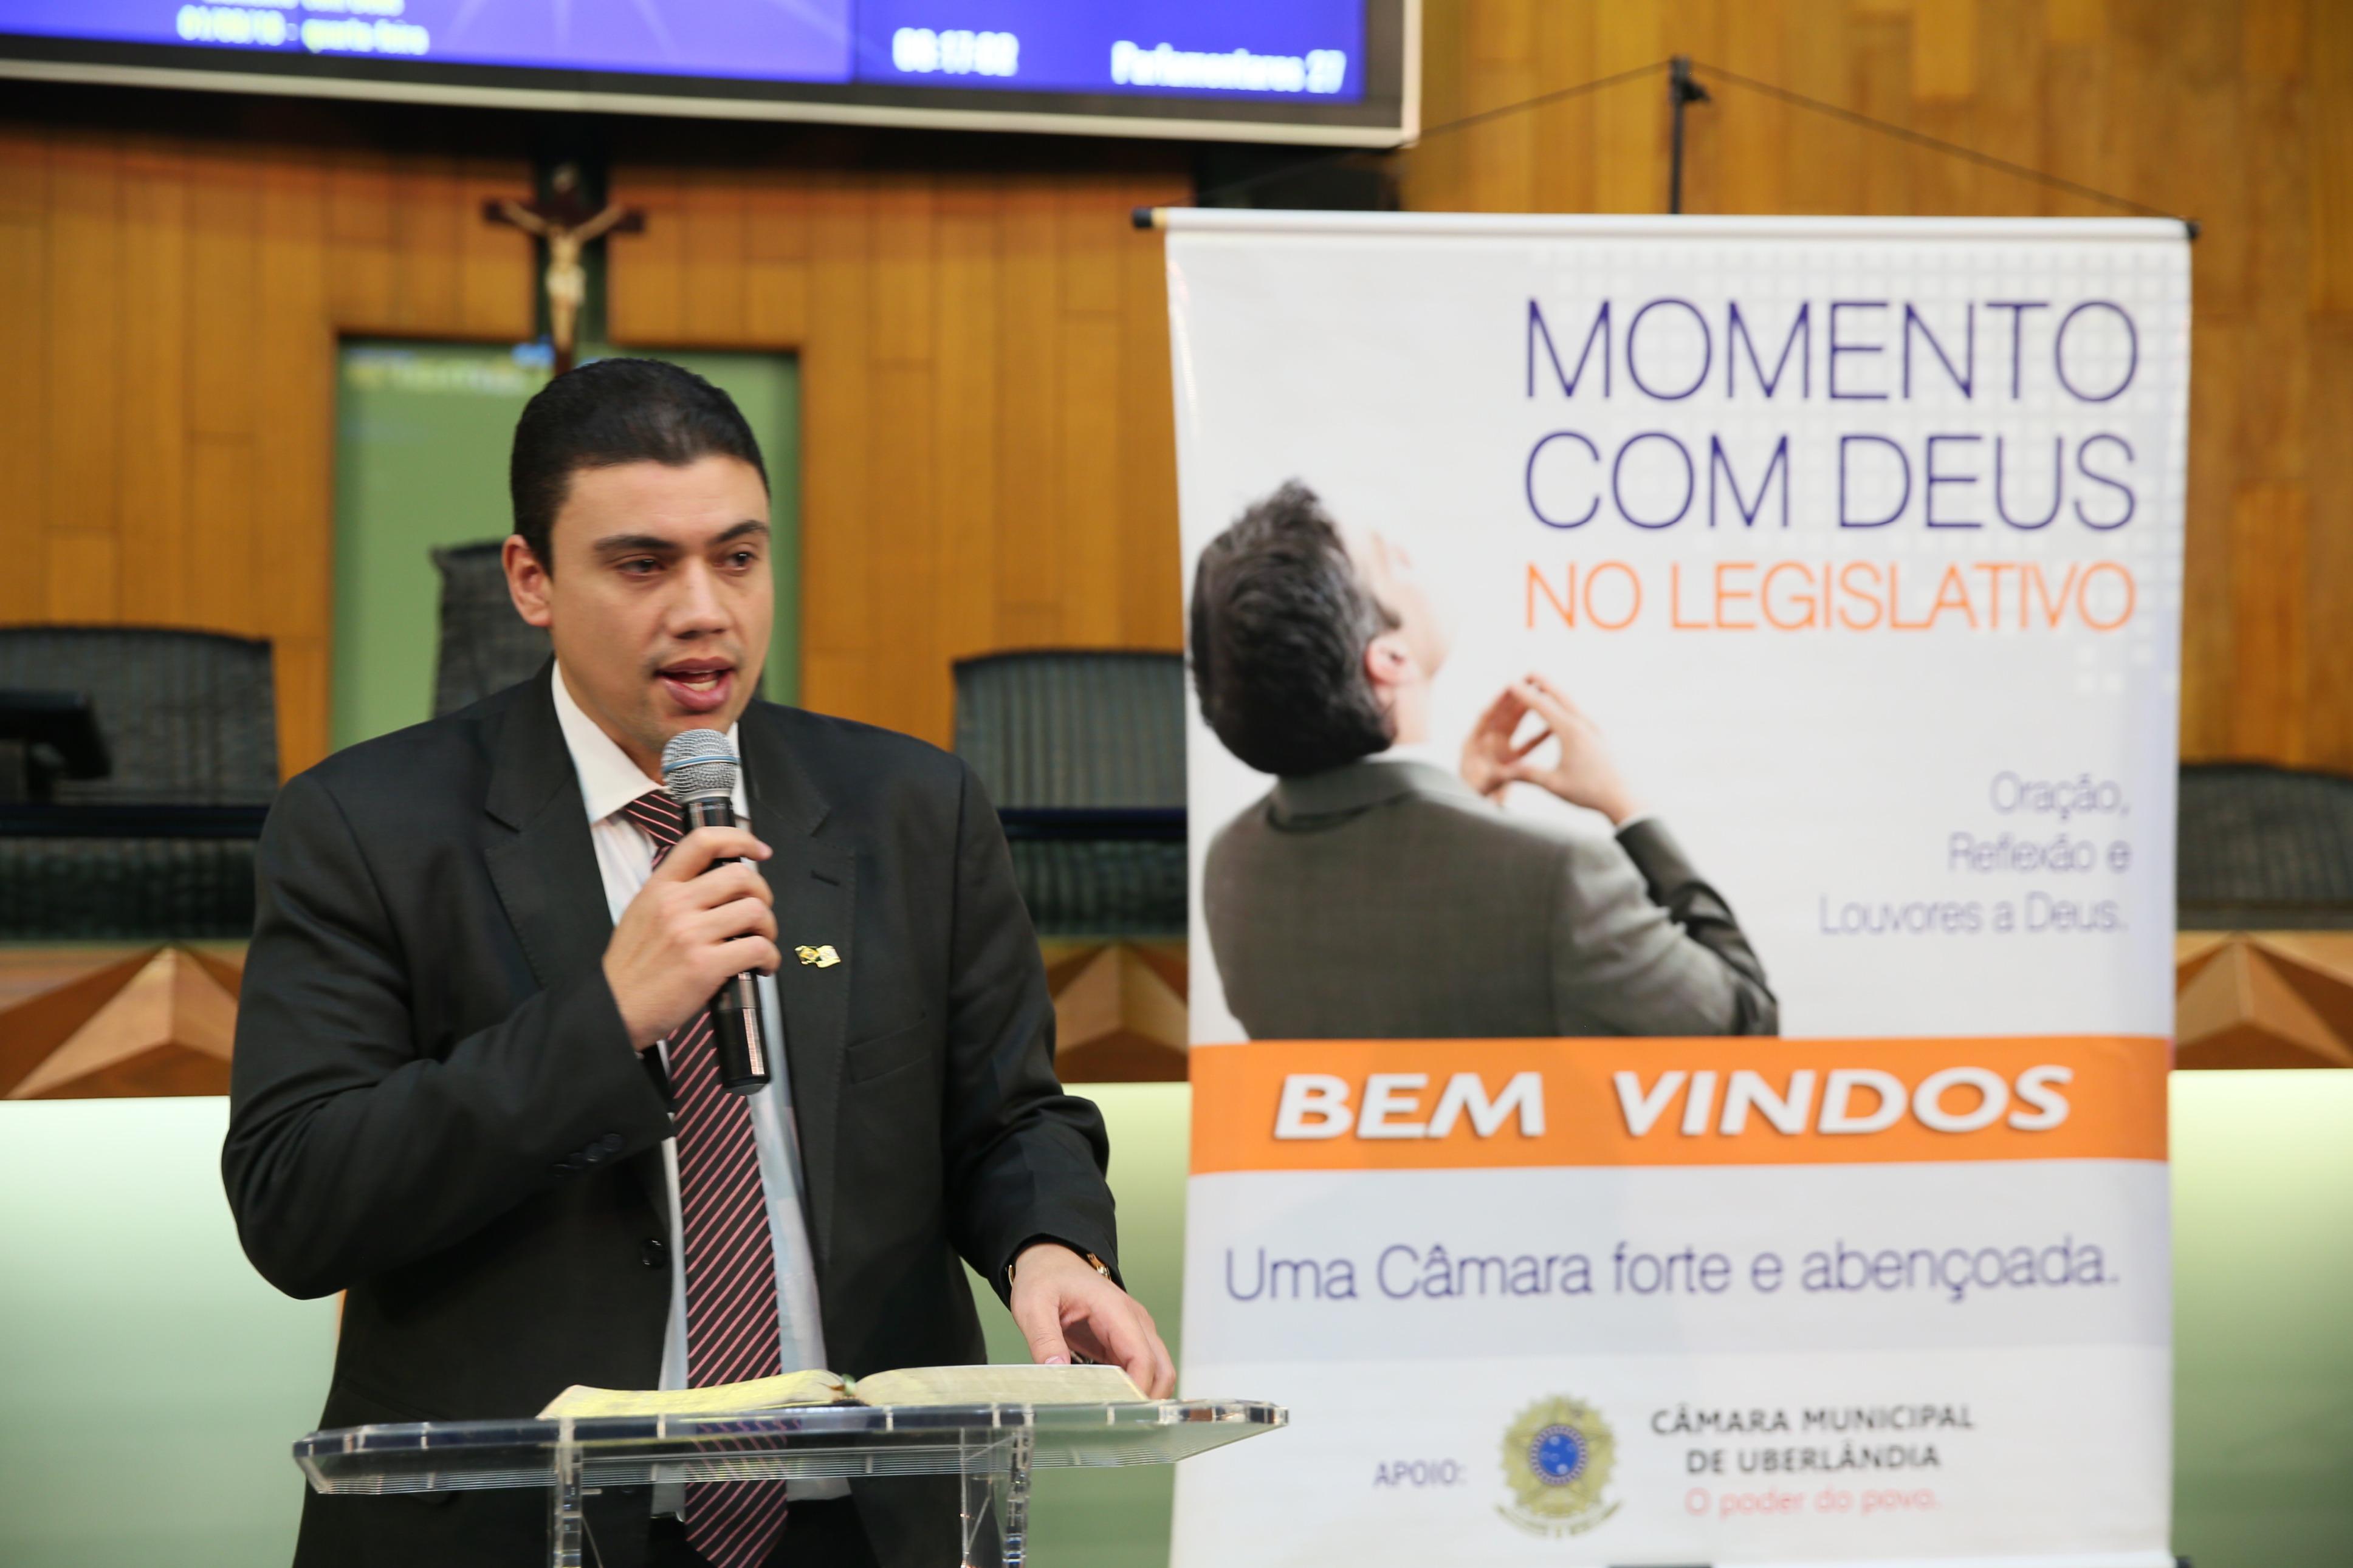 foto Aline Rezende 0008.JPG